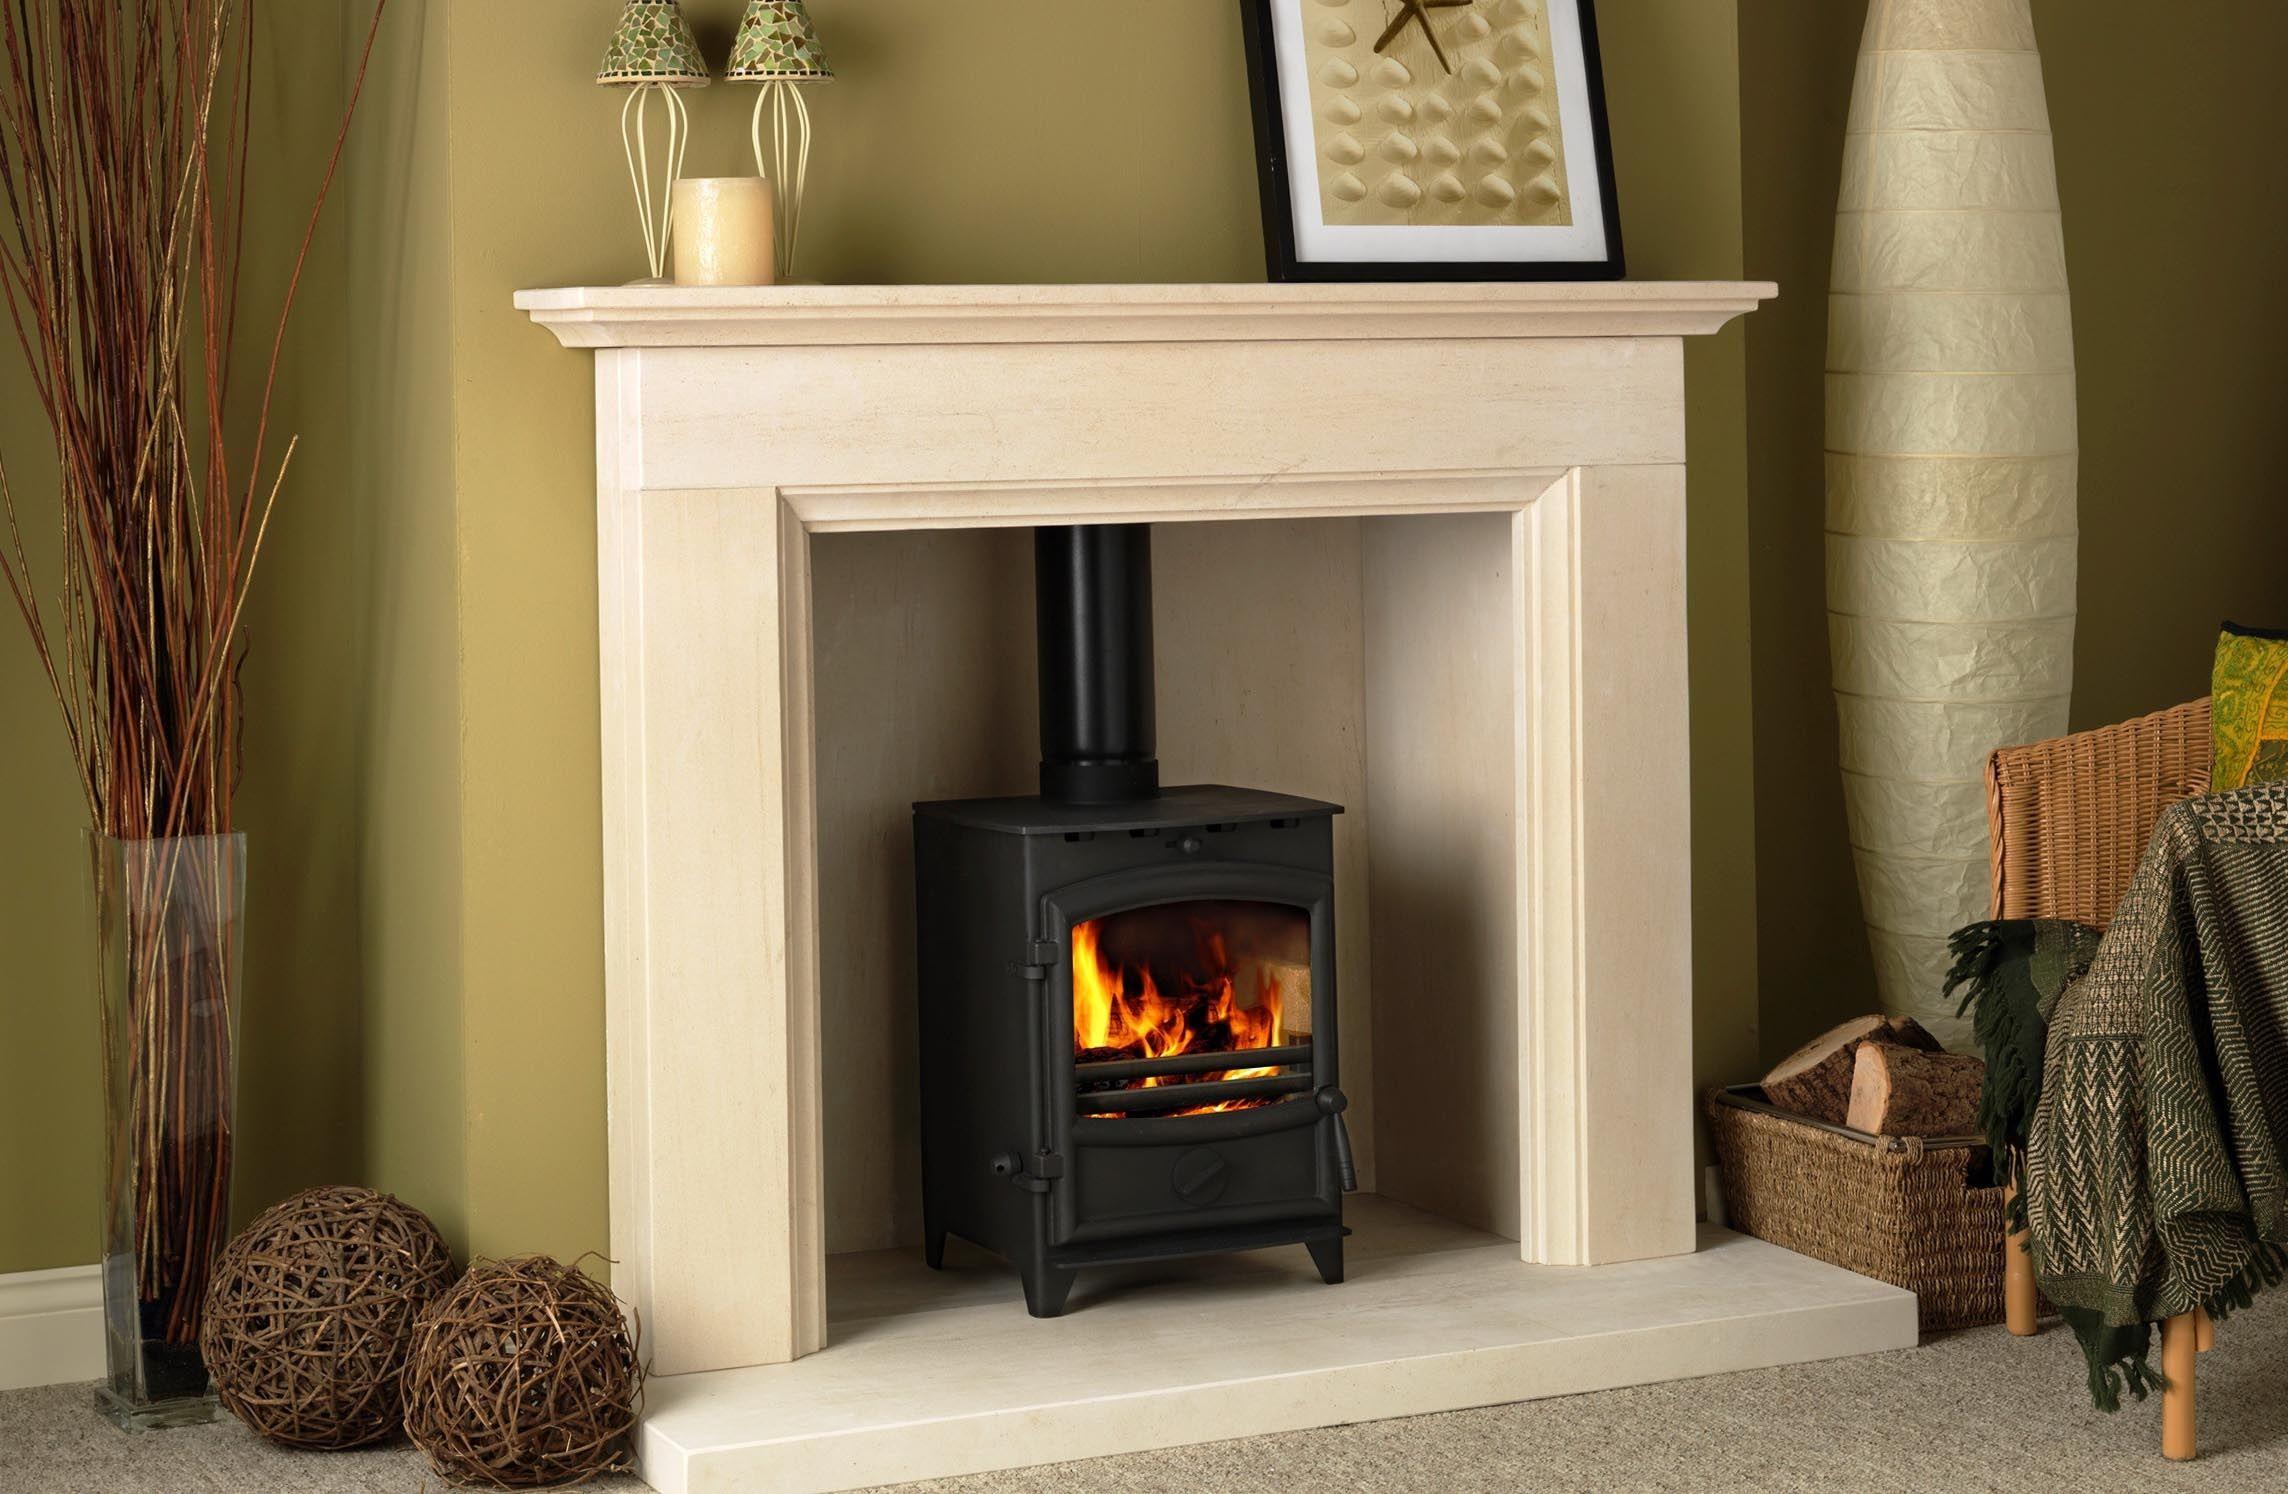 Wood Burning Fireplace Surround Ideas